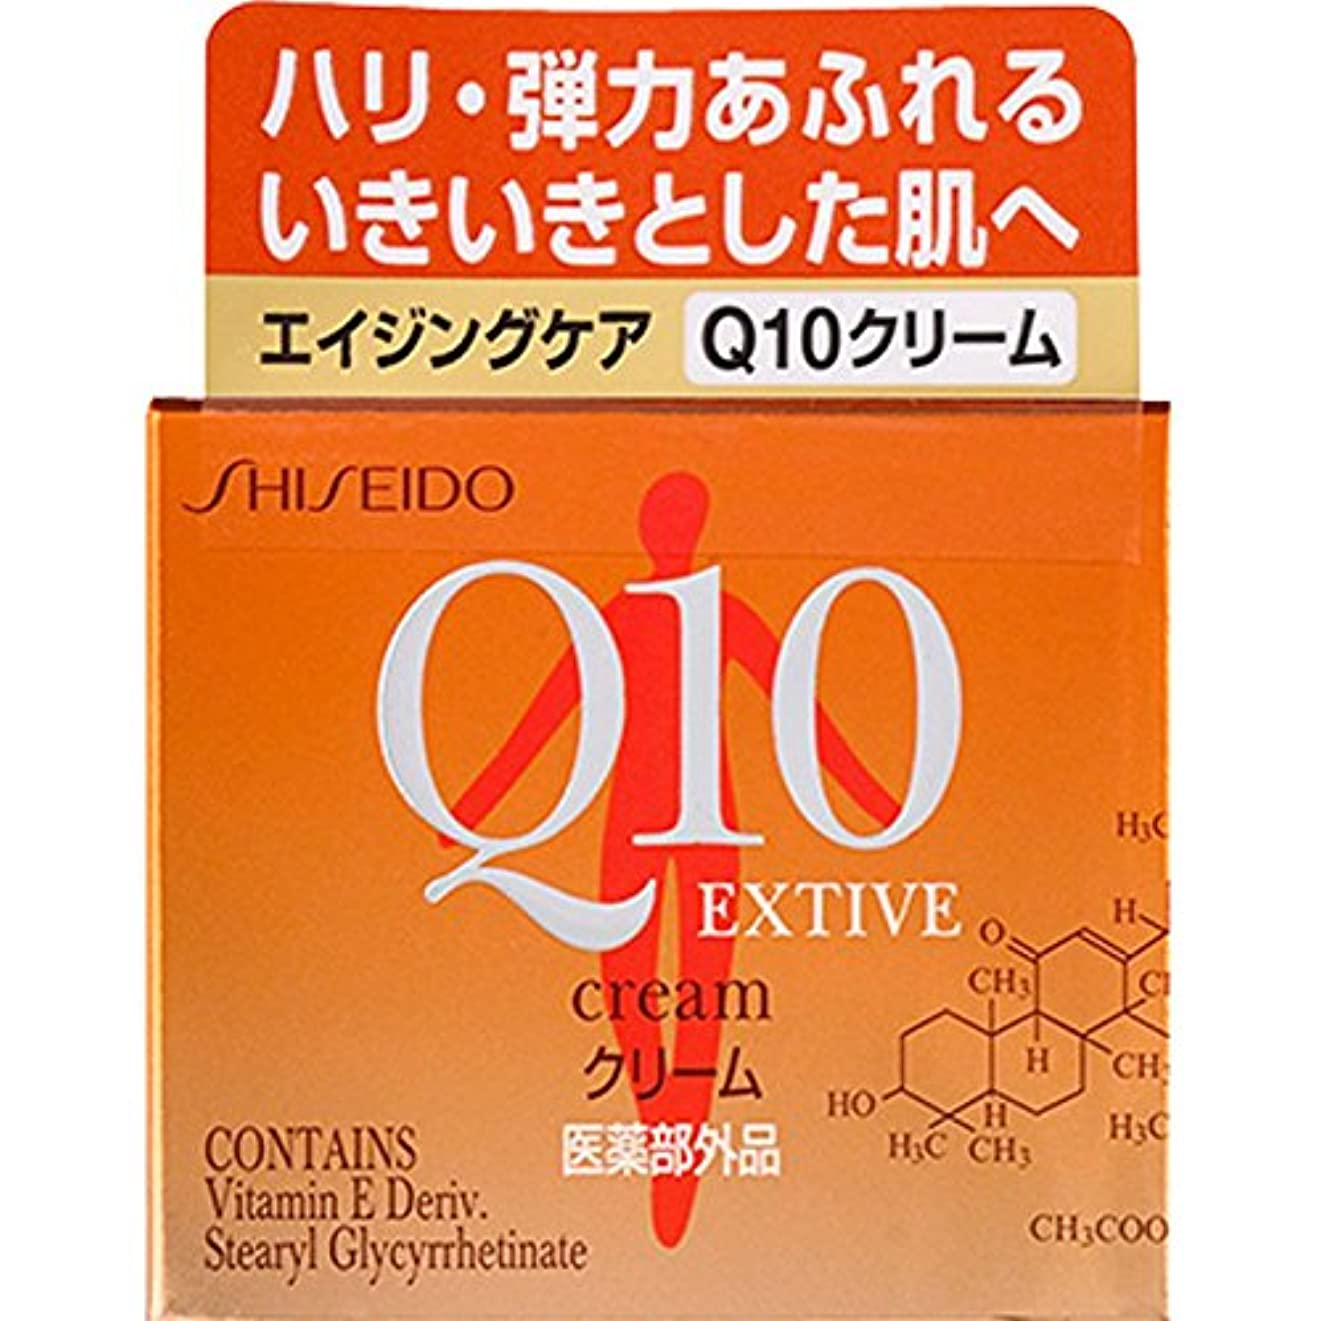 呪われた自明ねばねば資生堂薬品 Q10 エクティブ クリームN 30g